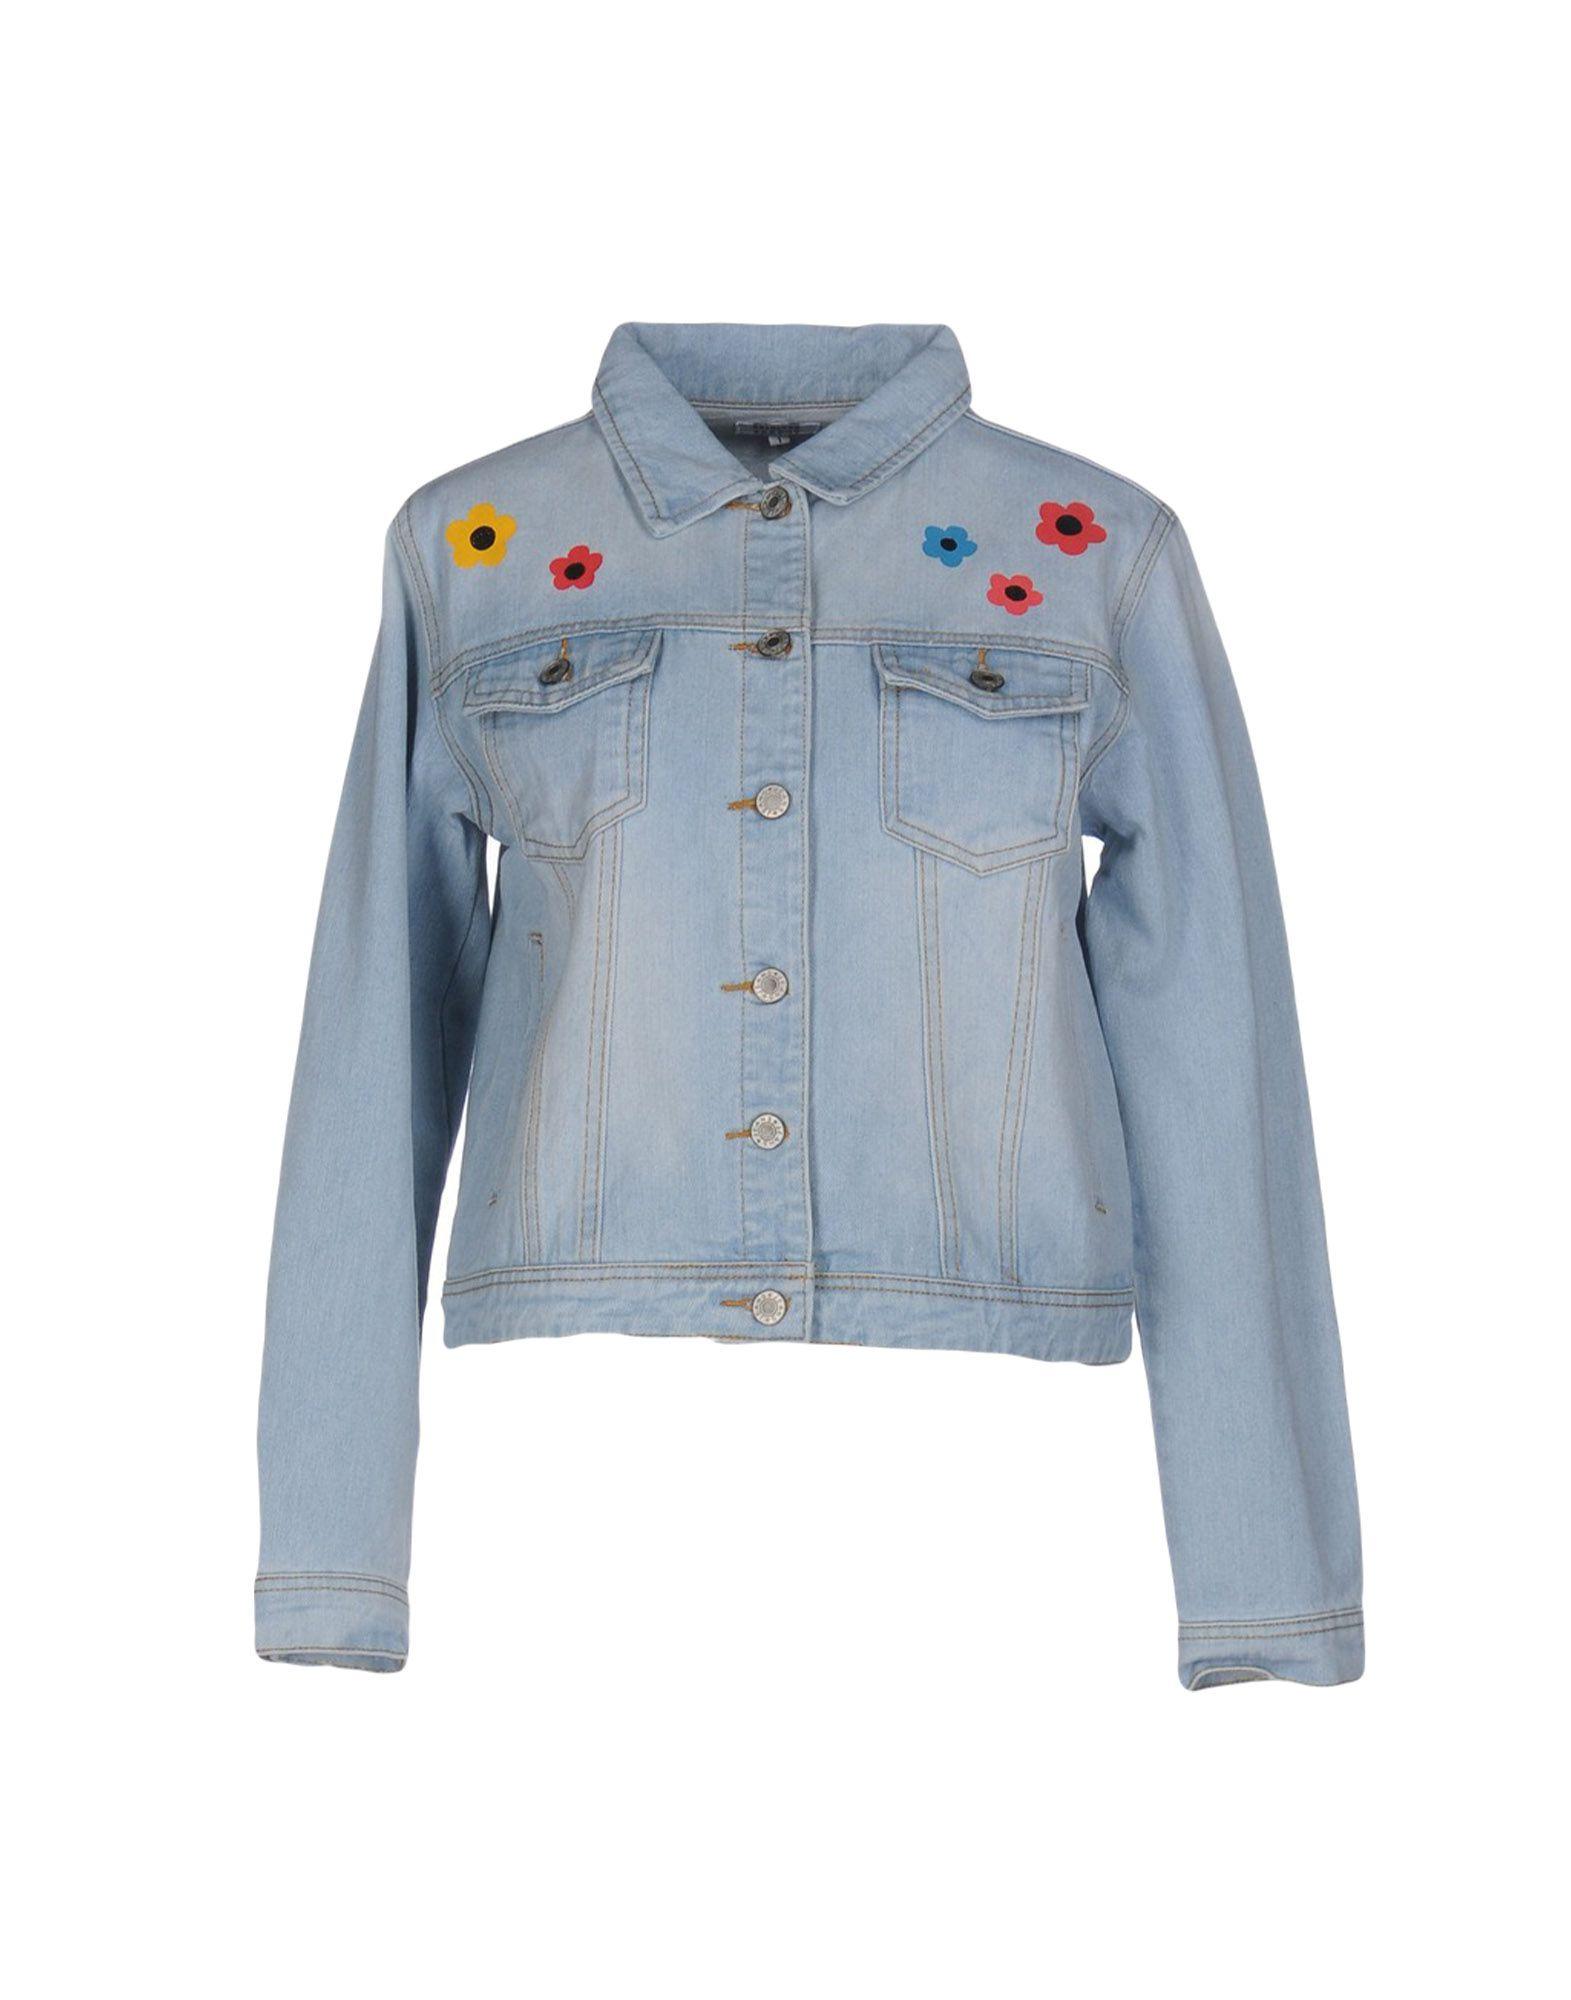 все цены на BRIGITTE BARDOT Джинсовая верхняя одежда в интернете